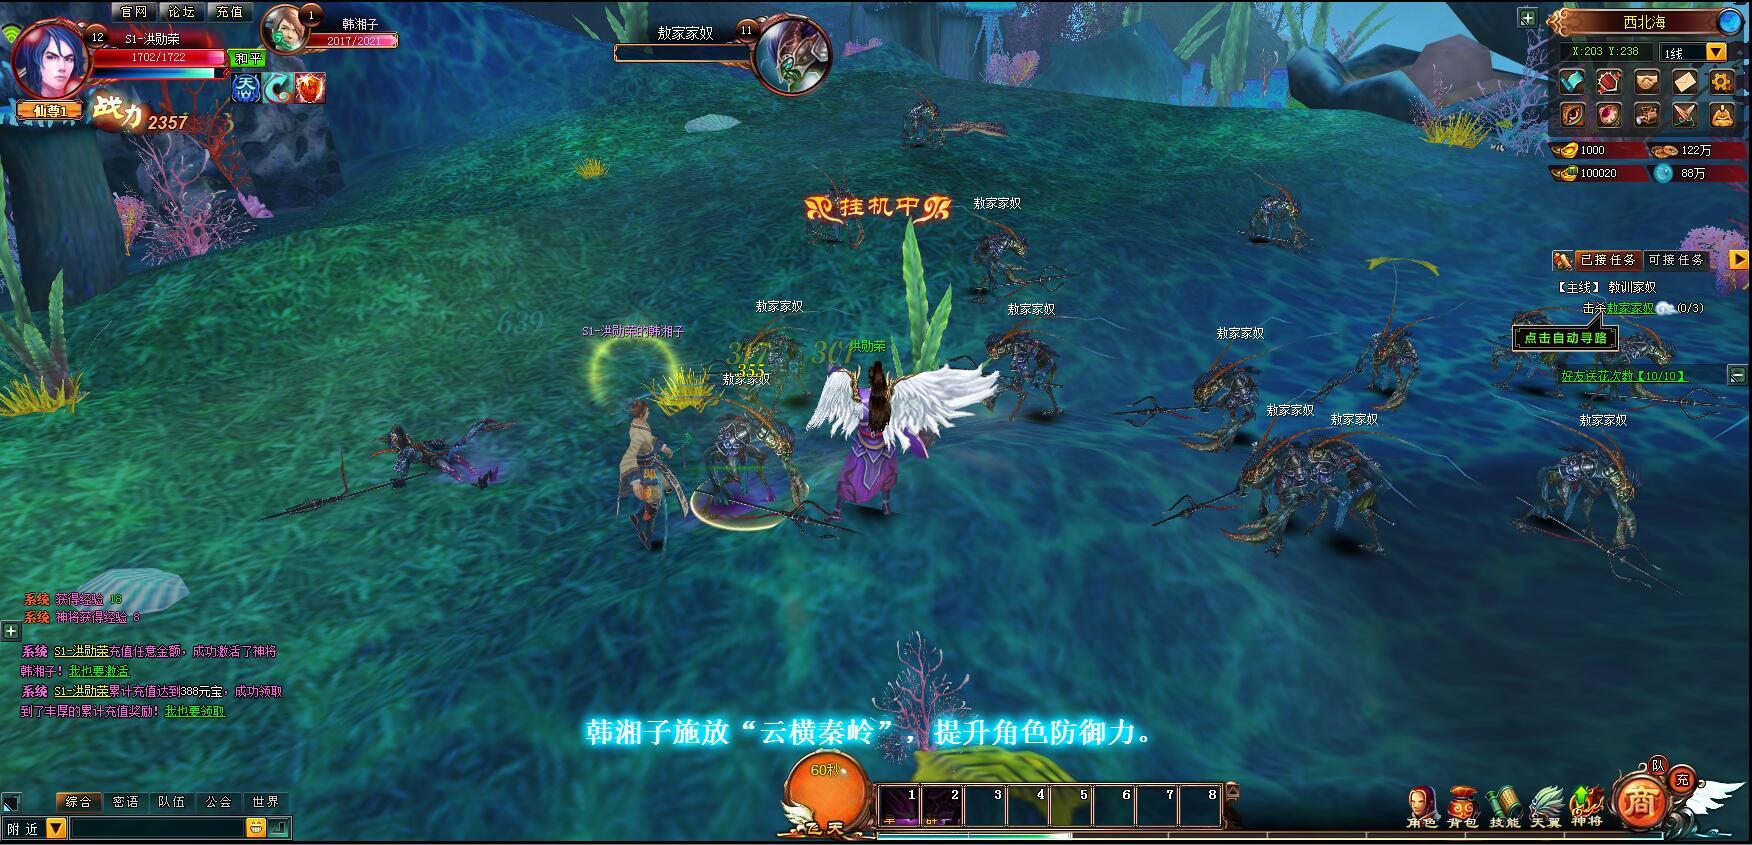 飞仙online游戏截图5